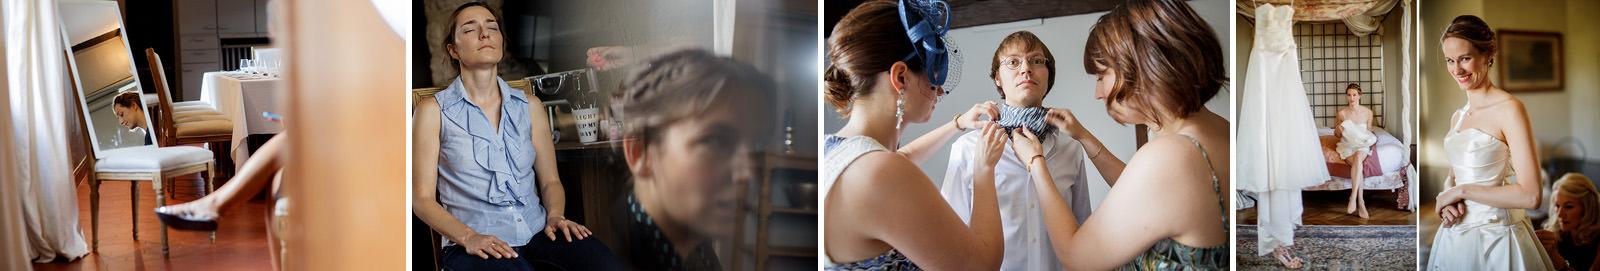 le maquillage dans la chambre pour la mariée